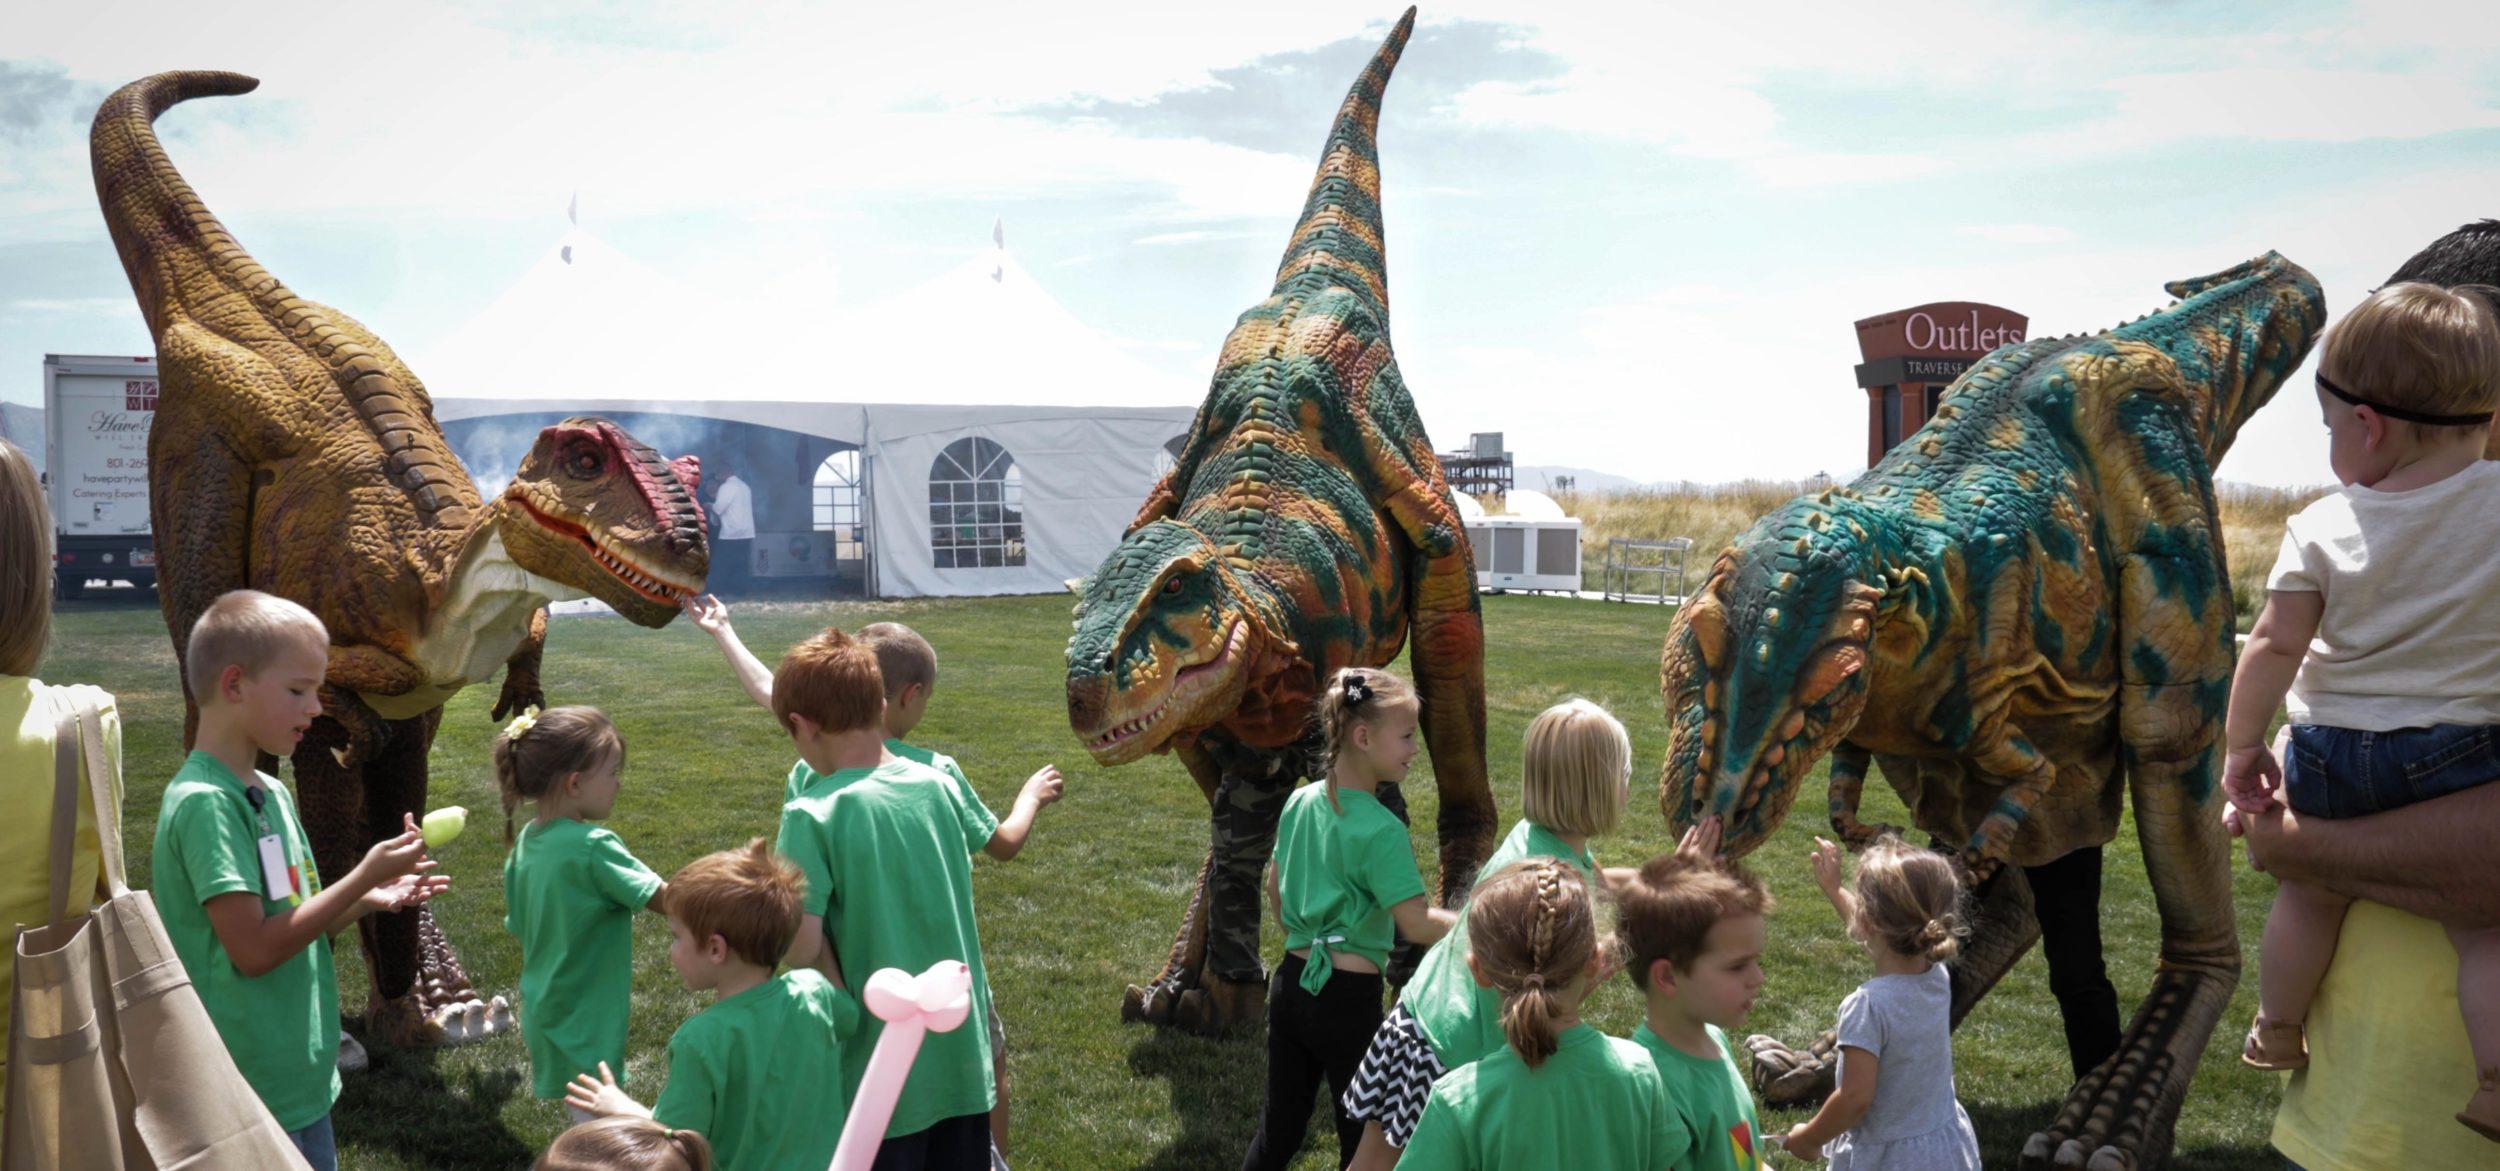 Corporate-Dinosaurs-Slider-e1489611846846.jpg